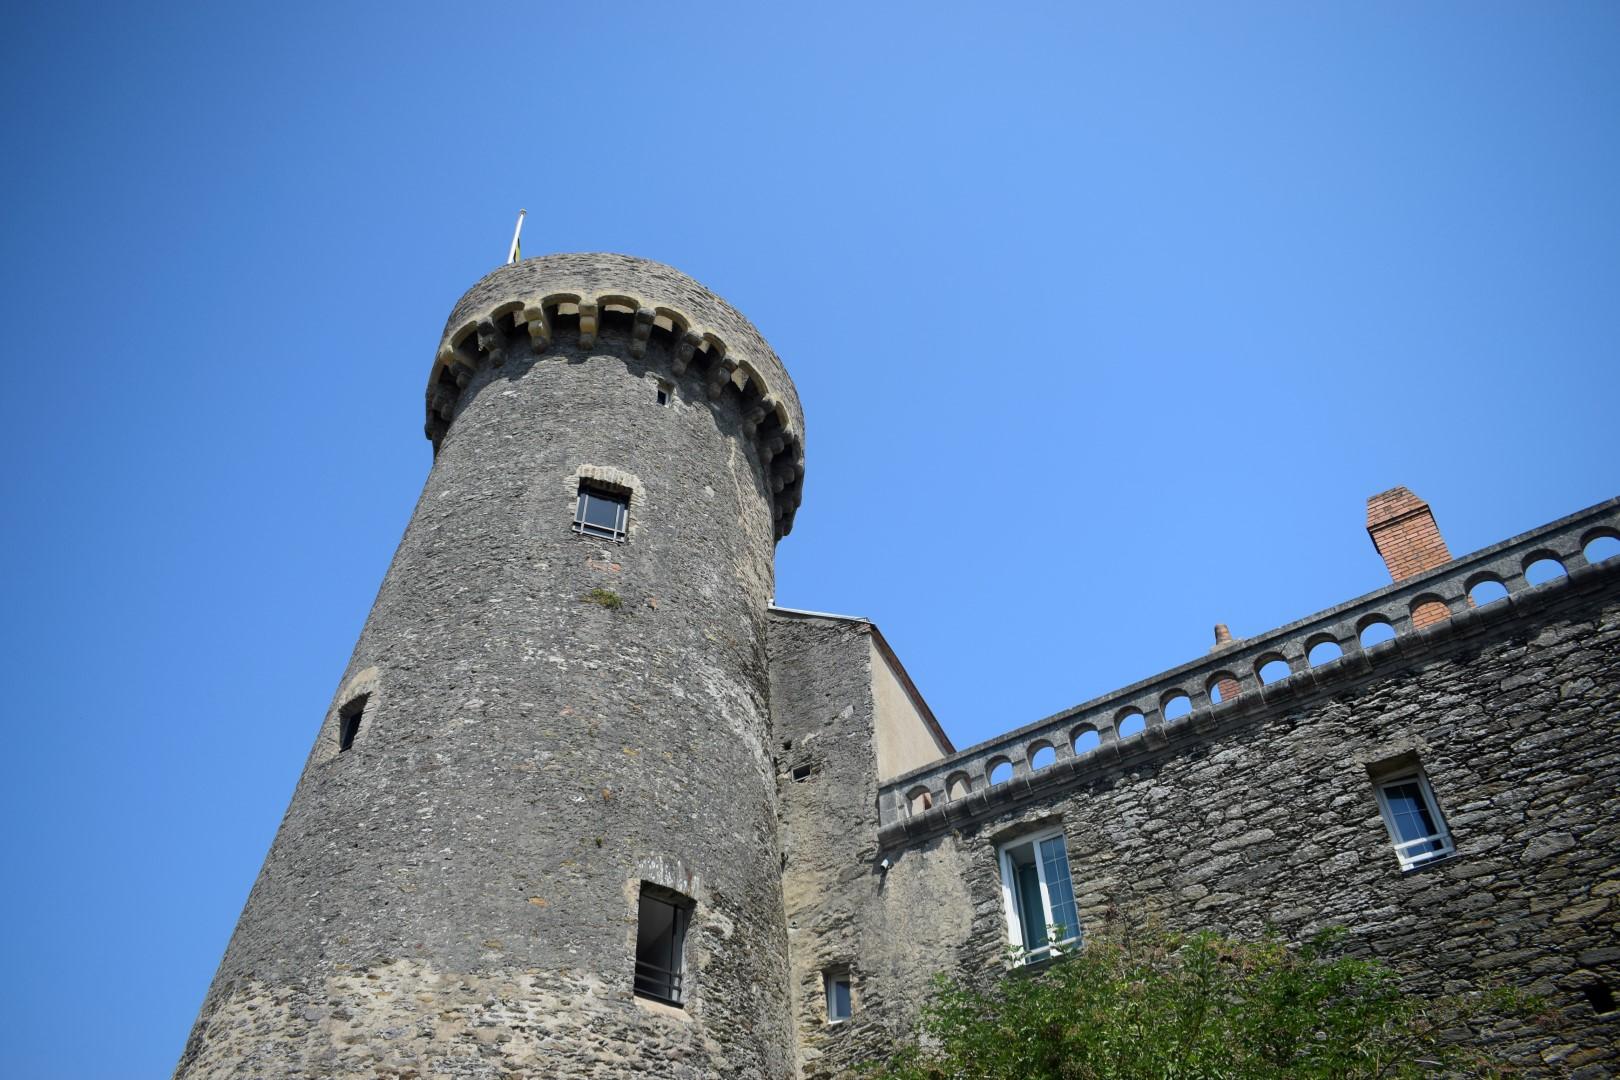 The Château de Pornic